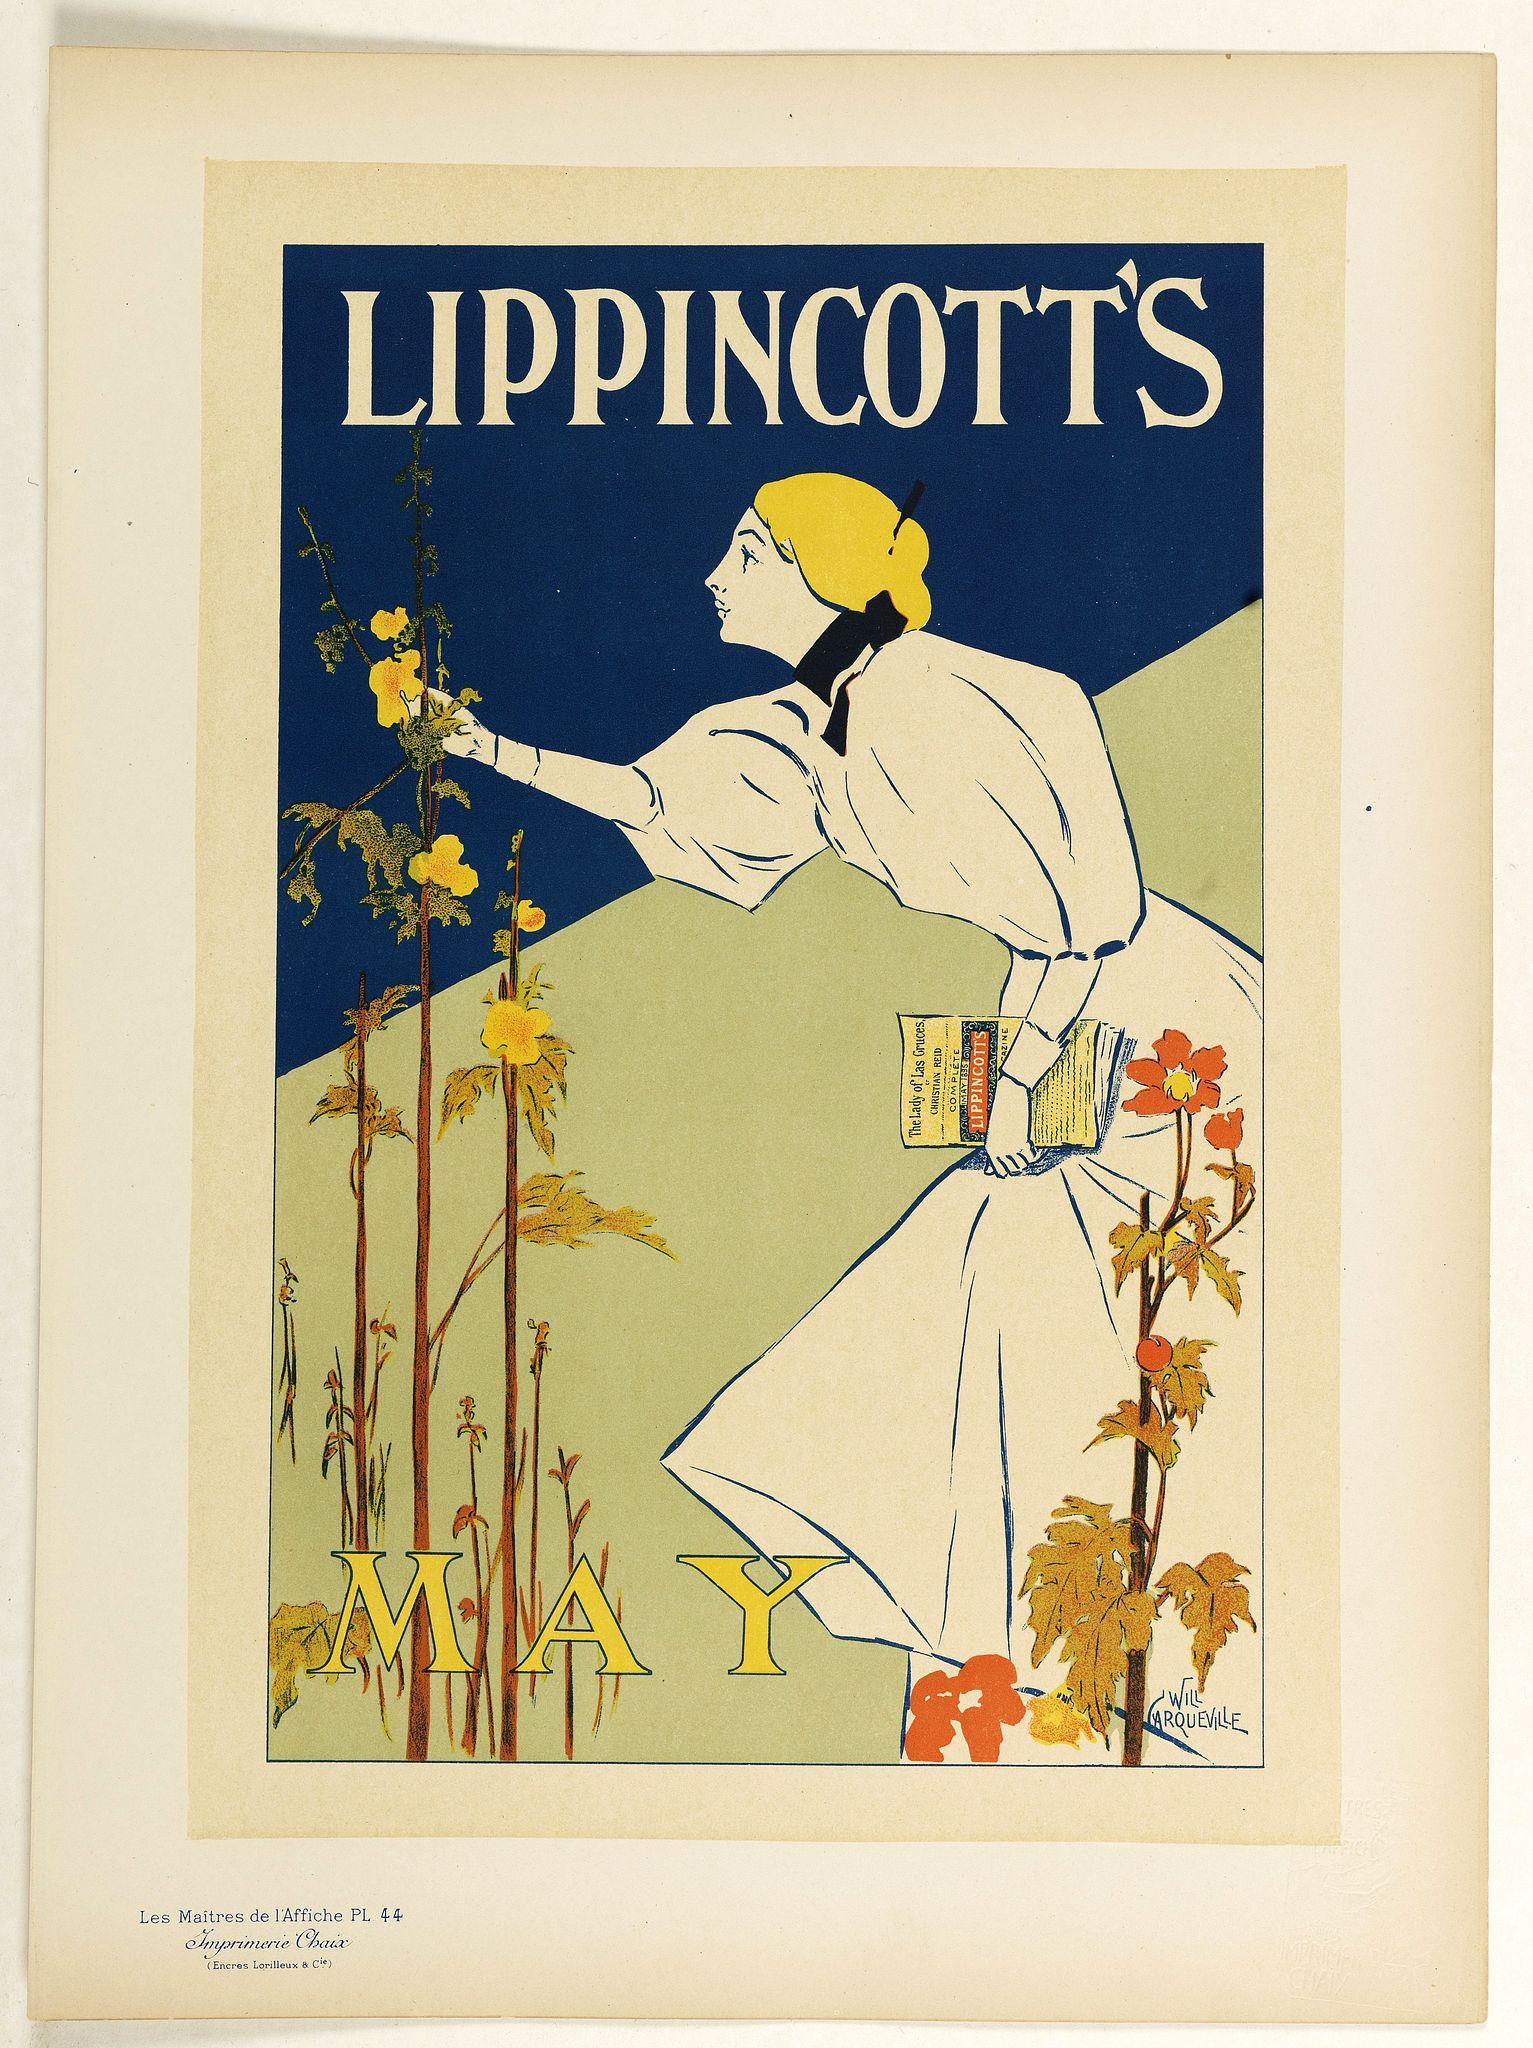 LES MAITRES DE L'AFFICHE -  Lippincott's, May.